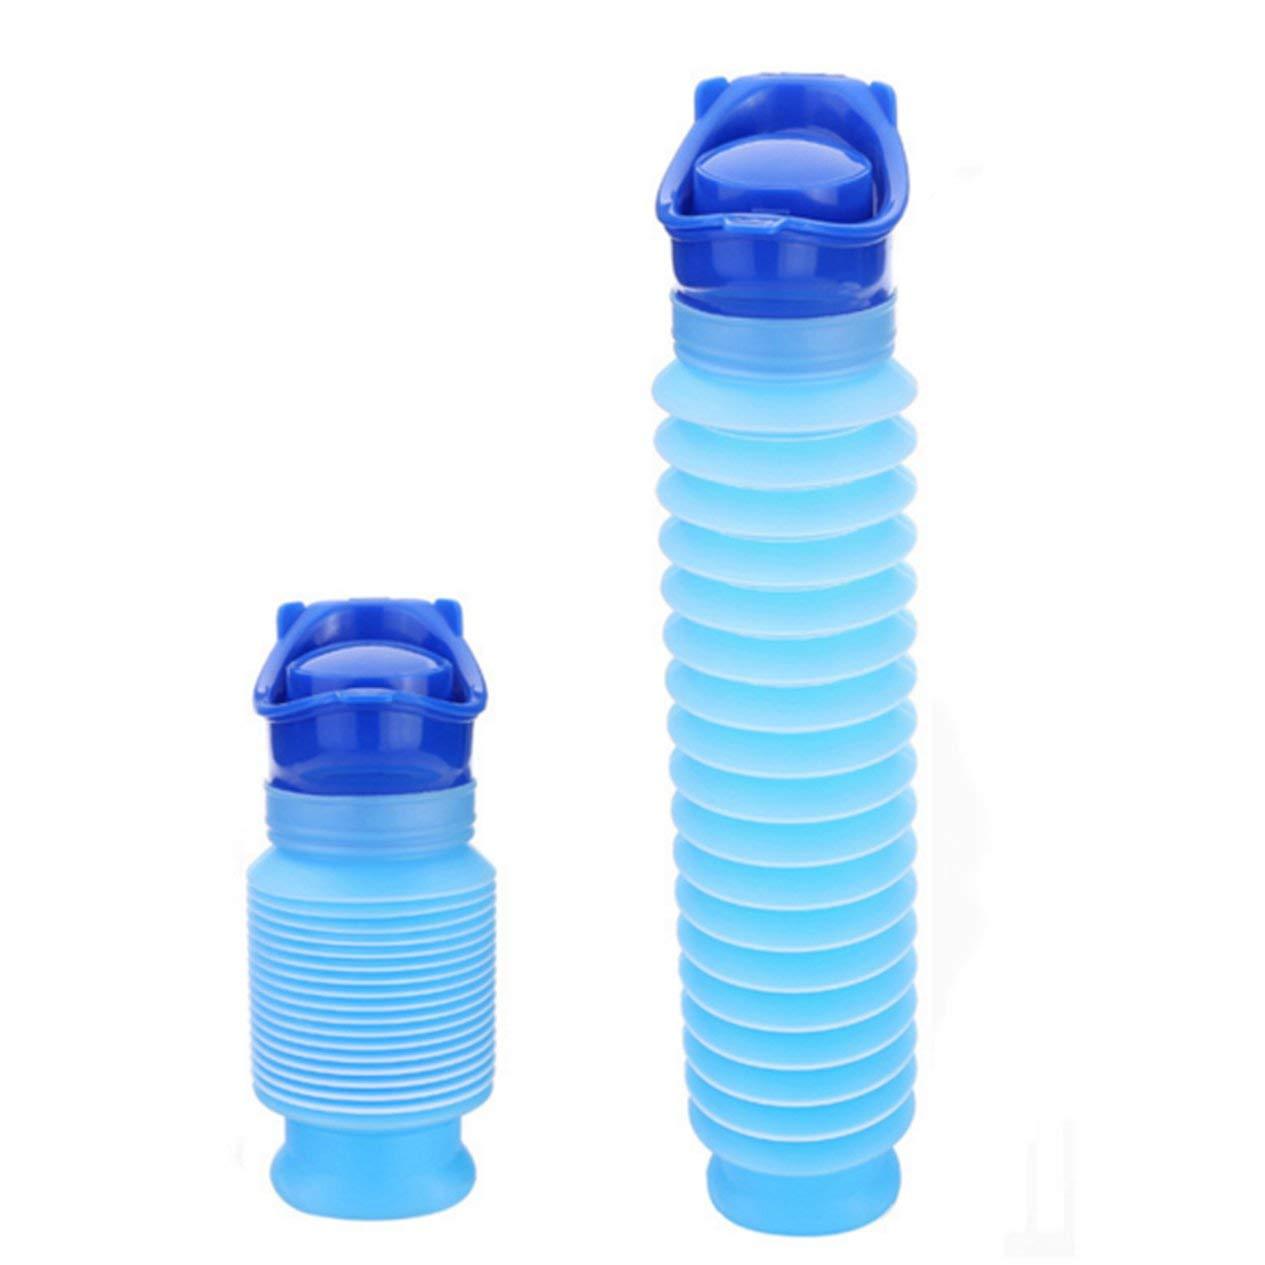 Blau Kinder Urinale Tragbare Kind-Kleinkind Potty Urinal f/ür Reise Cartoon Urineimer Leakproof Dichtung